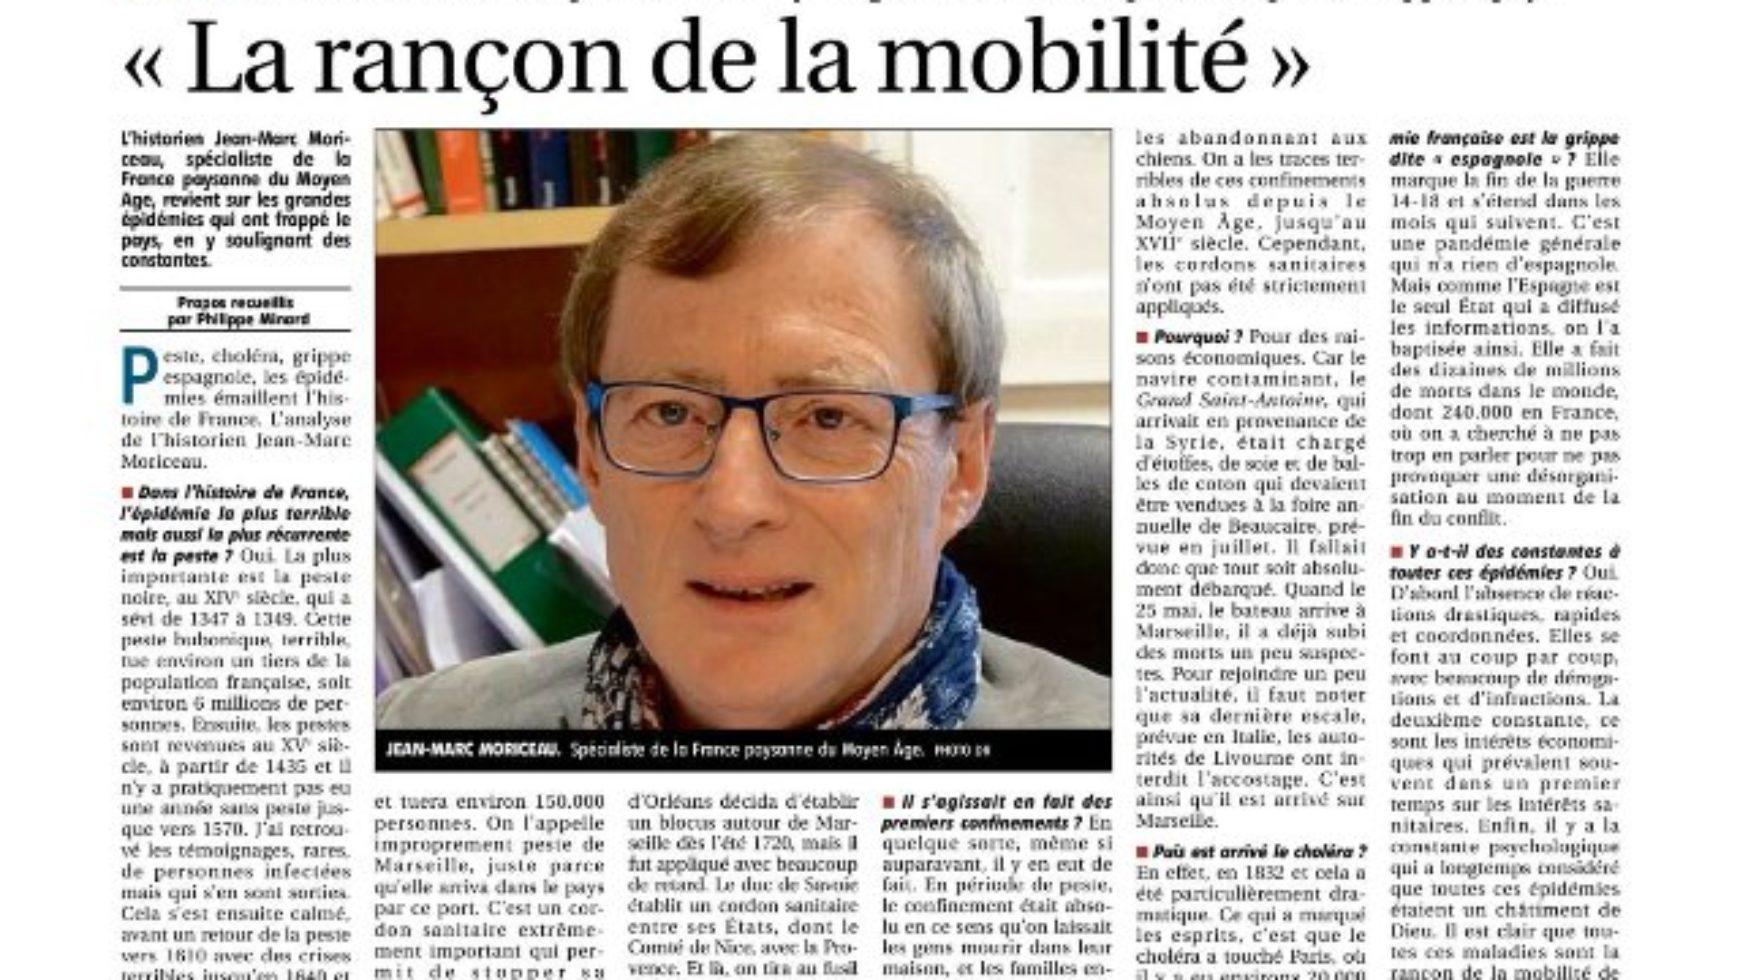 Interview de notre ami Jean-Marc Moriceau – La Montage 22 mars 2020